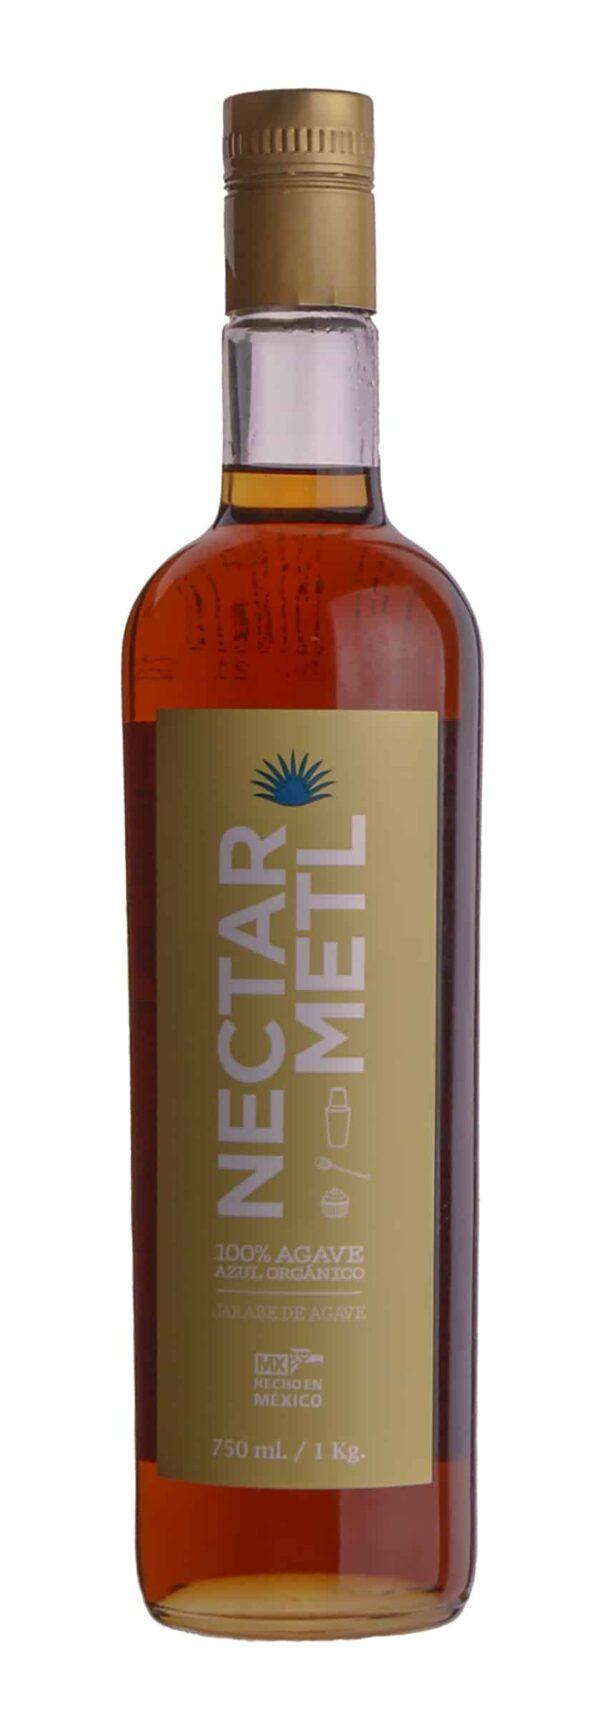 Nectar Metl Agave Sirop - øko